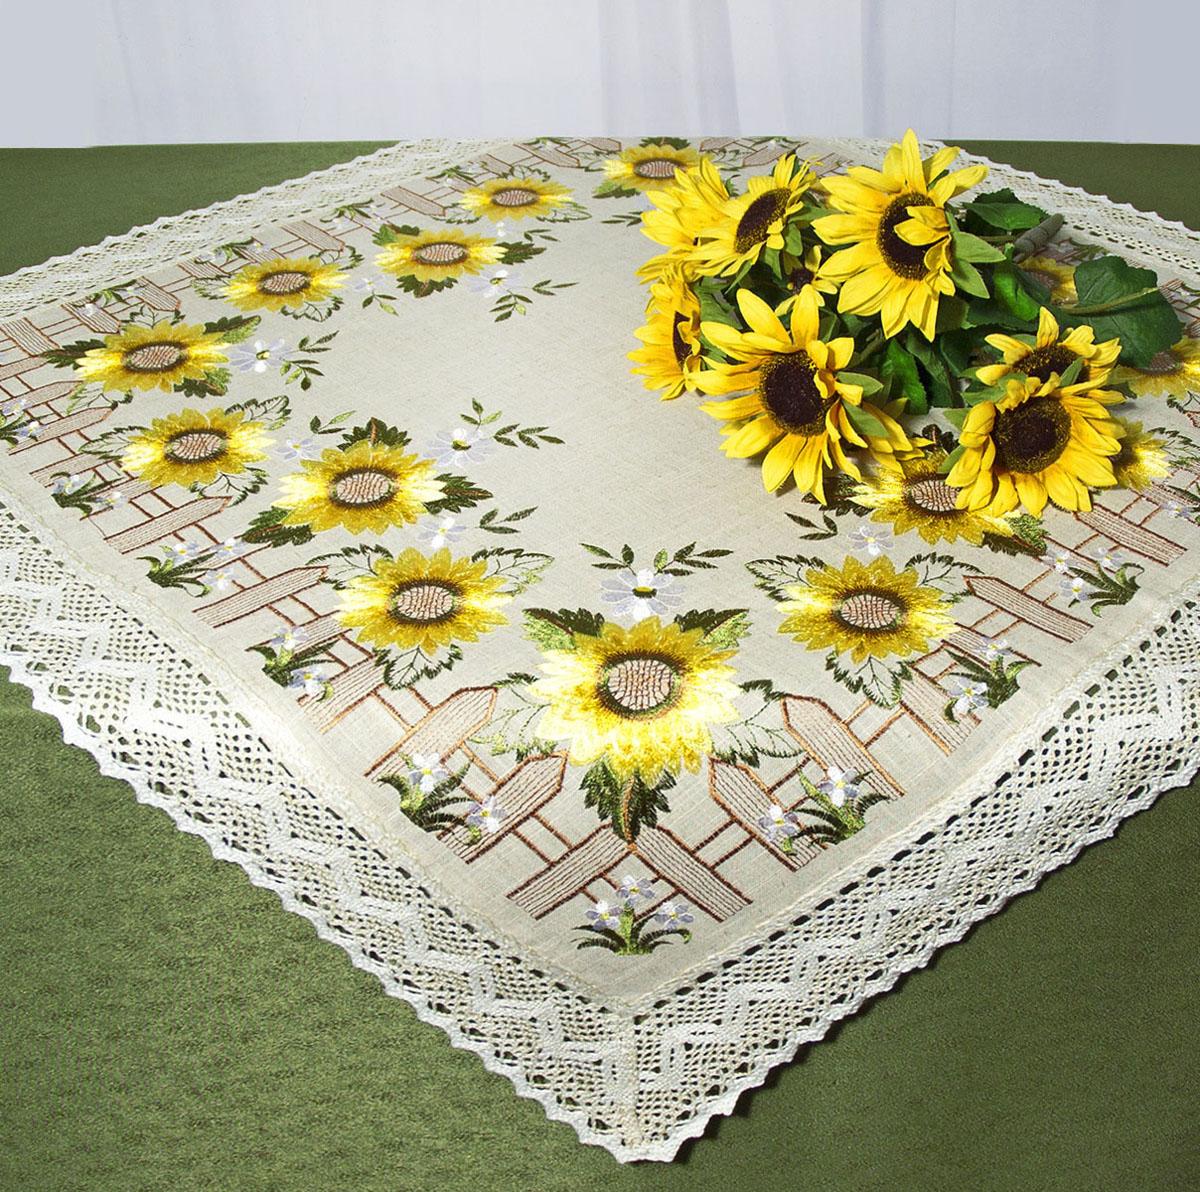 Скатерть Schaefer, квадратная, цвет: серый, желтый, 85x 85 см. 07493-100101310101Скатерть Schaefer изготовлена из полиэстера и украшена цветочной вышивкой. Края изделия оформлены в технике ришелье.Изделия из полиэстера легко стирать: они не мнутся, не садятся и быстро сохнут, они более долговечны, чем изделия из натуральных волокон. Кроме того, ткань обладает водоотталкивающими свойствами. Такая скатерть будет просто не заменима на кухне, а особенно на вашем обеденном столе на даче под открытым небом. Скатерть Schaefer не останется без внимания ваших гостей, а вас будет ежедневно радовать ярким дизайном и несравненным качеством.Немецкая компания Schaefer создана в 1921 году. На протяжении всего времени существования она создает уникальные коллекции домашнего текстиля для гостиных, спален, кухонь и ванных комнат. Дизайнерские идеи немецких художников компании Schaefer воплощаются в текстильных изделиях, которые сделают ваш дом красивее и уютнее и не останутся незамеченными вашими гостями. Дарите себе и близким красоту каждый день! Изысканный текстиль от немецкой компании Schaefer - это красота, стиль и уют в вашем доме.